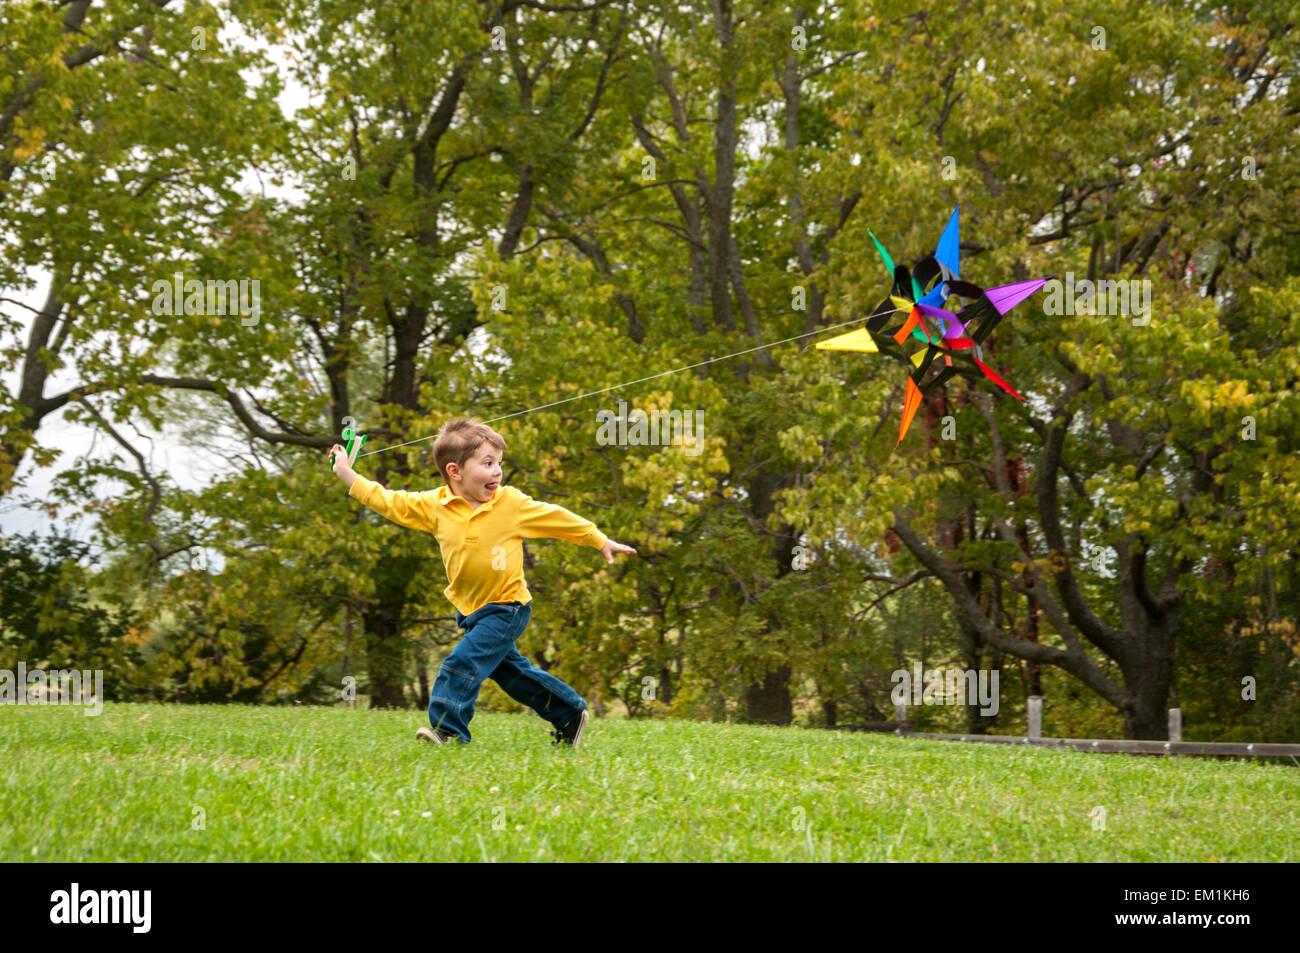 Junge läuft mit kite Stockbild